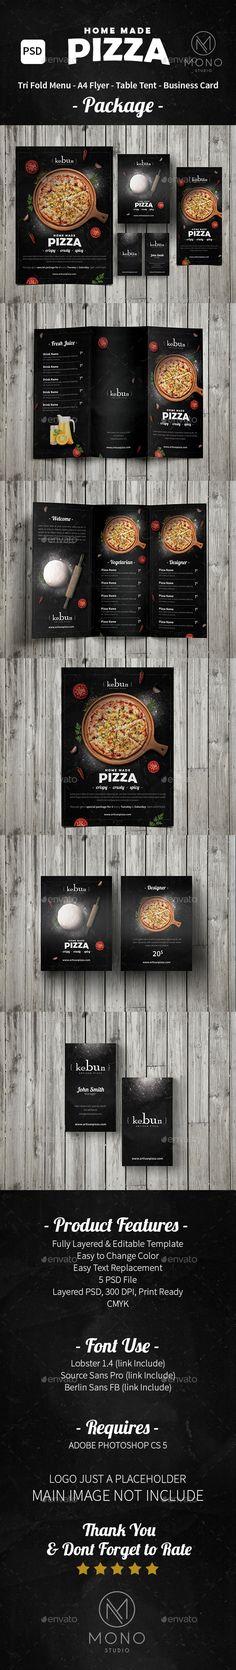 Pizza Menu Set/Rustic — Photoshop PSD #juice #restaurant • Download ➝ https://graphicriver.net/item/pizza-menu-setrustic/14221285?ref=pxcr